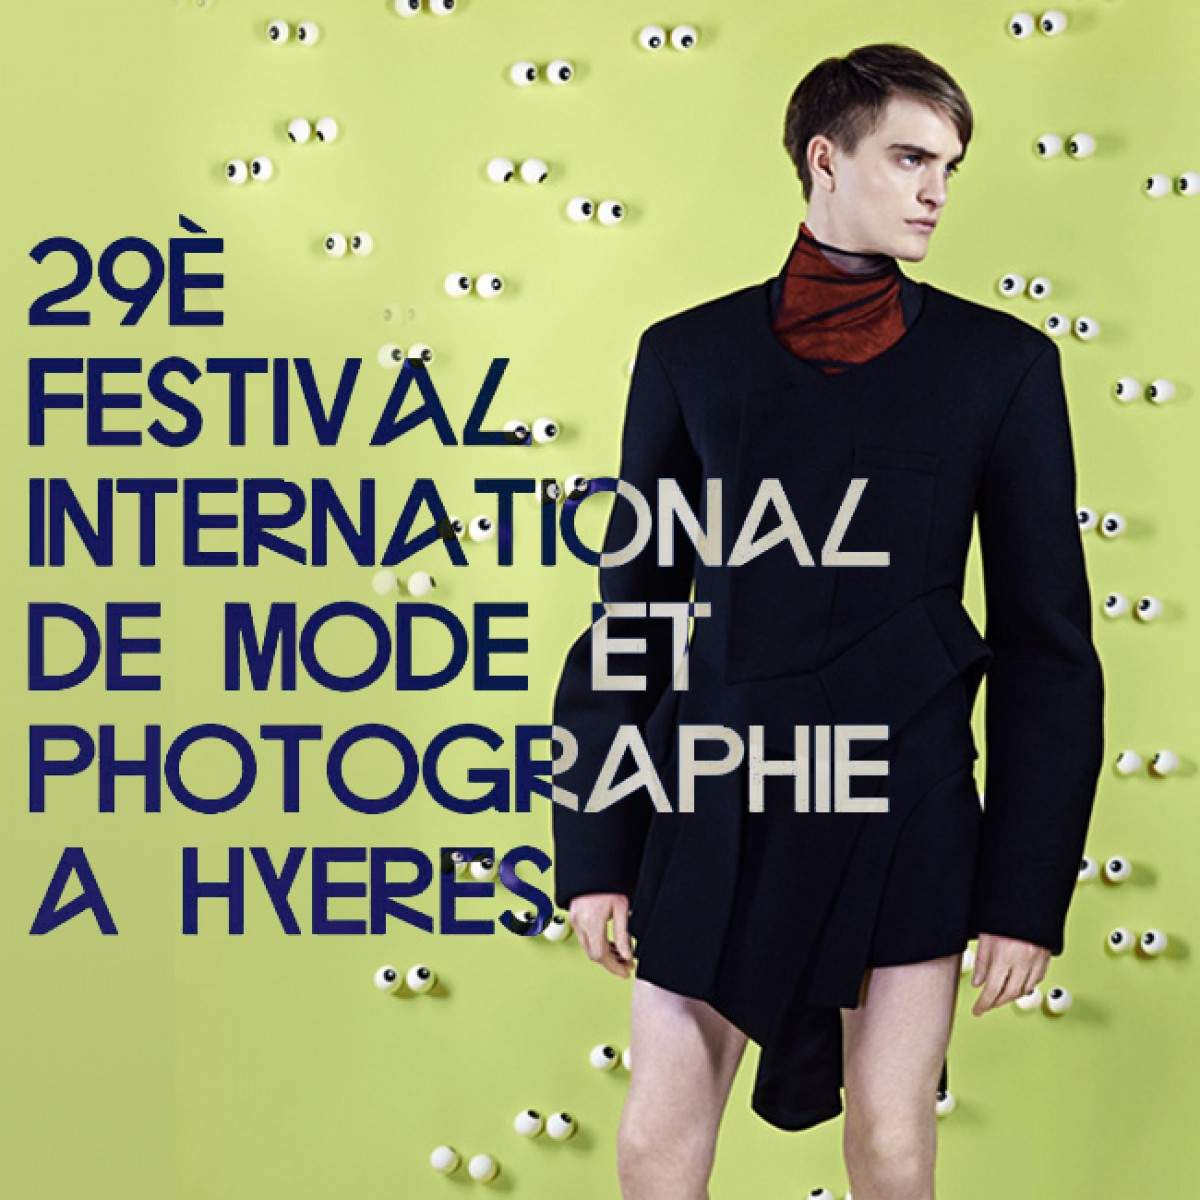 29-FESTIVAL-INTERNATIONAL-DE-MODE-ET-PHOTOGRAPHIE-A-HYERES-VILLA-NOAILLES